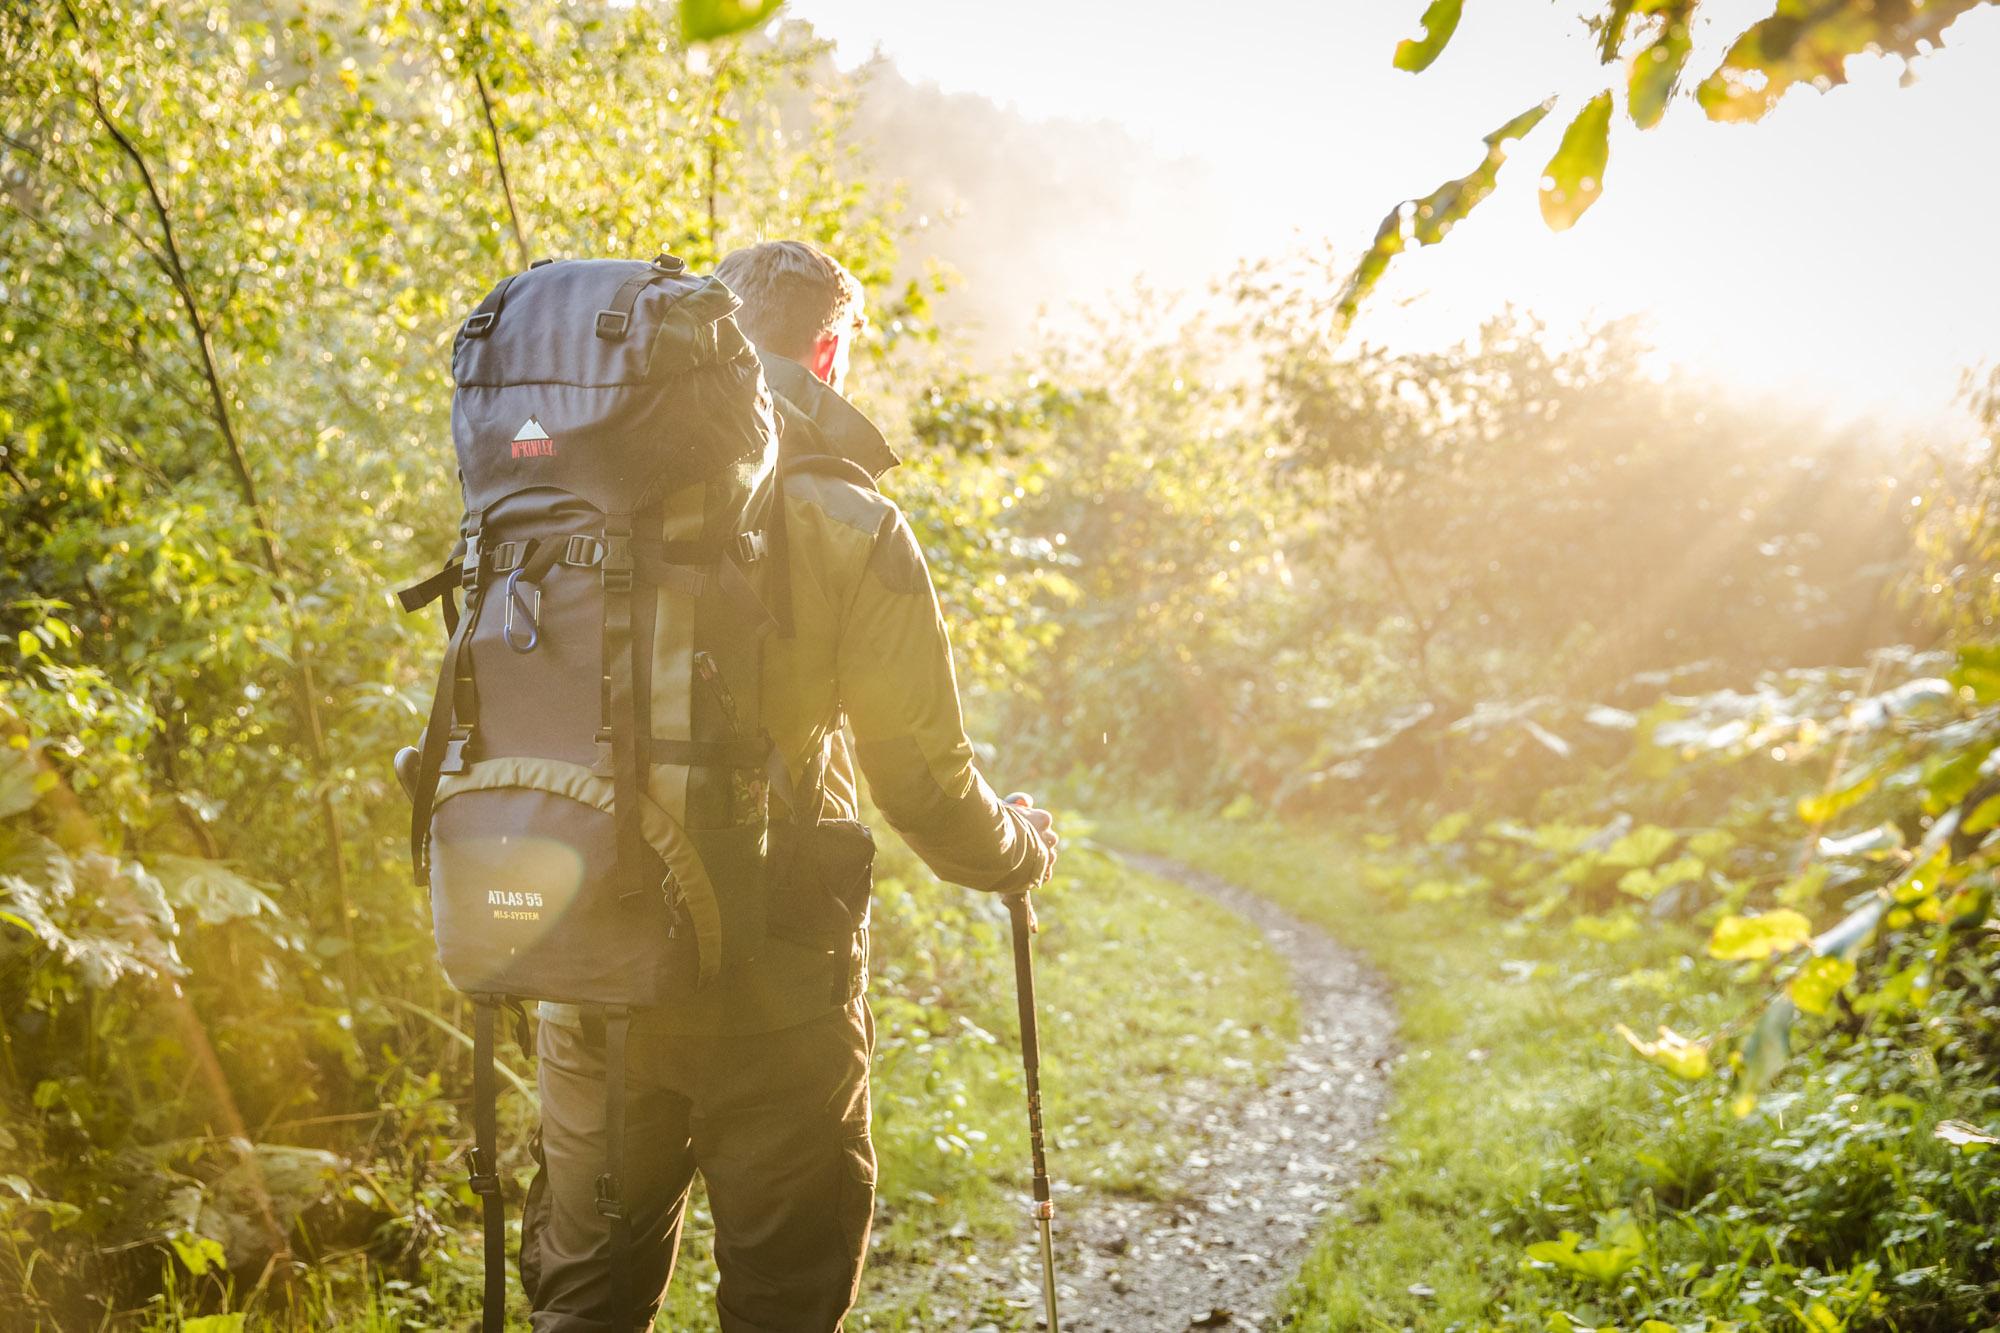 Wandern in Winterberg | Quelle & Copyright: Winterberg Touristik und Wirtschaft GmbH